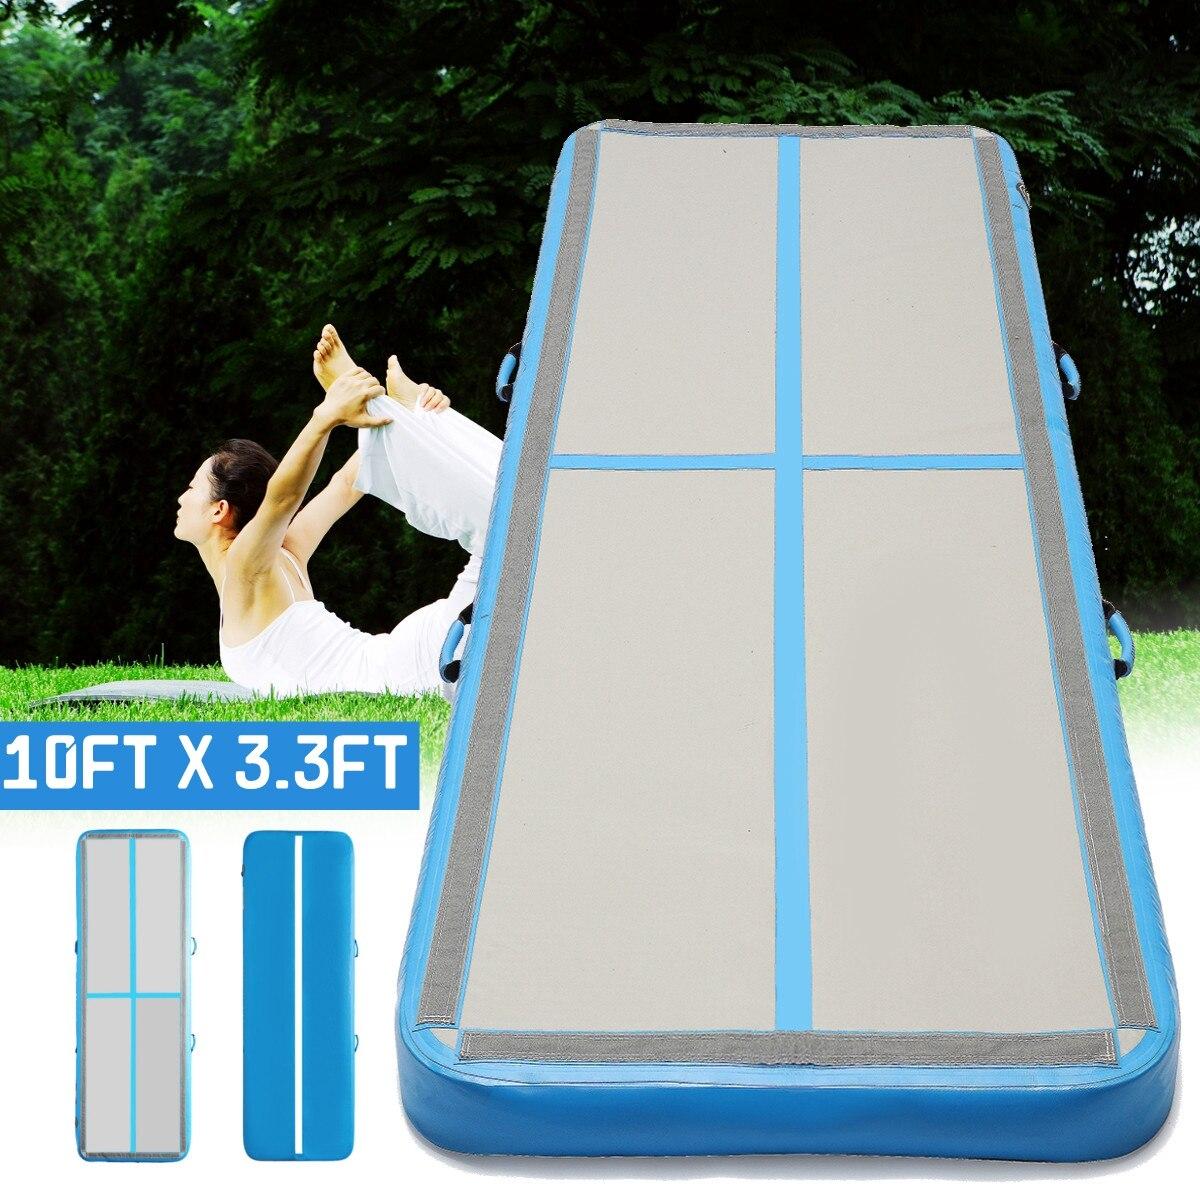 AirTrack гимнастические матрасы x 300x10 см надувные Дешевые 100 тренажерный зал в стиральной машине Air трек пол акробатика воздуха трек для продажи